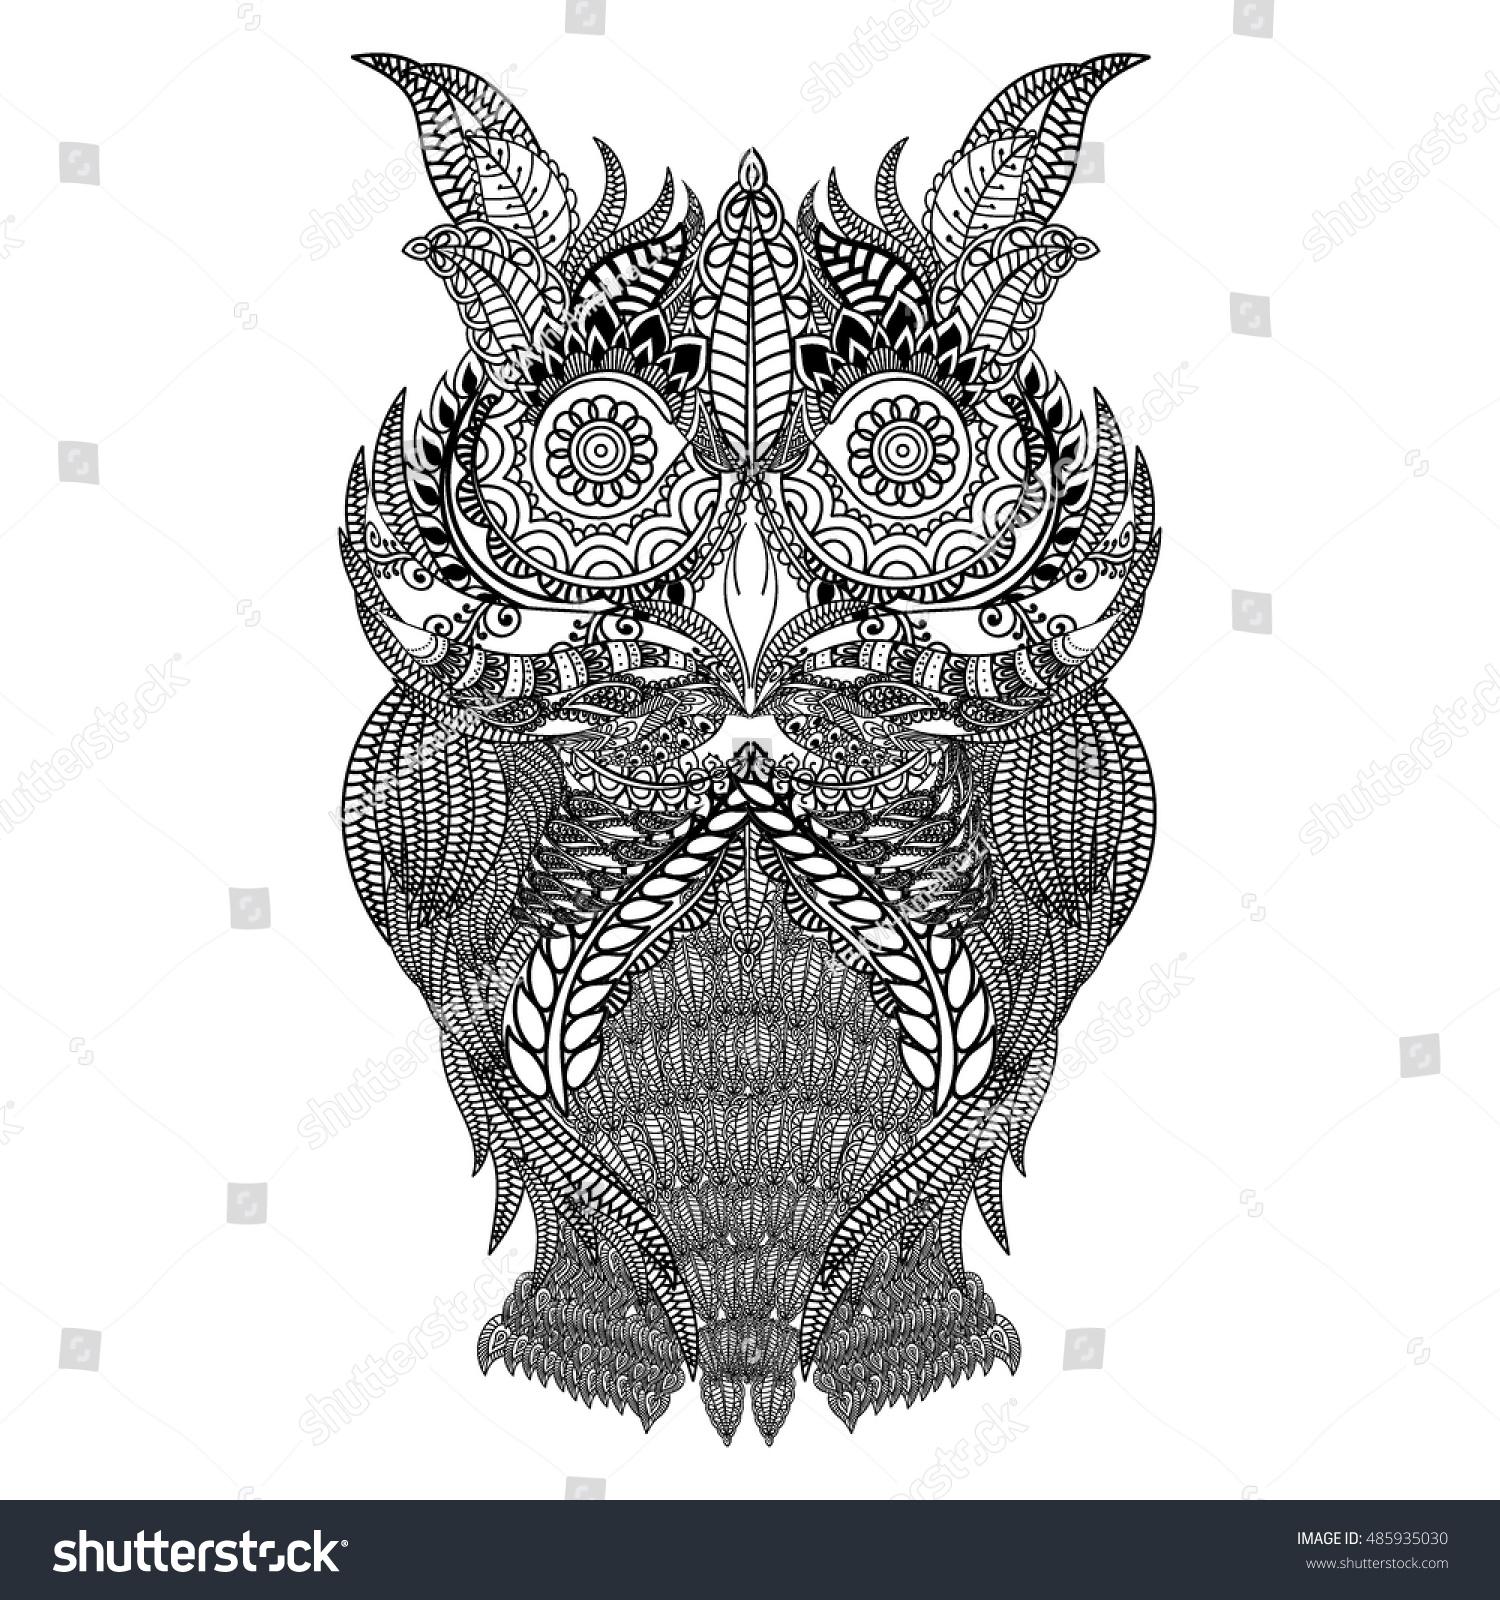 Hand Drawn Black White Illustration Owl Stock Vector 485935030